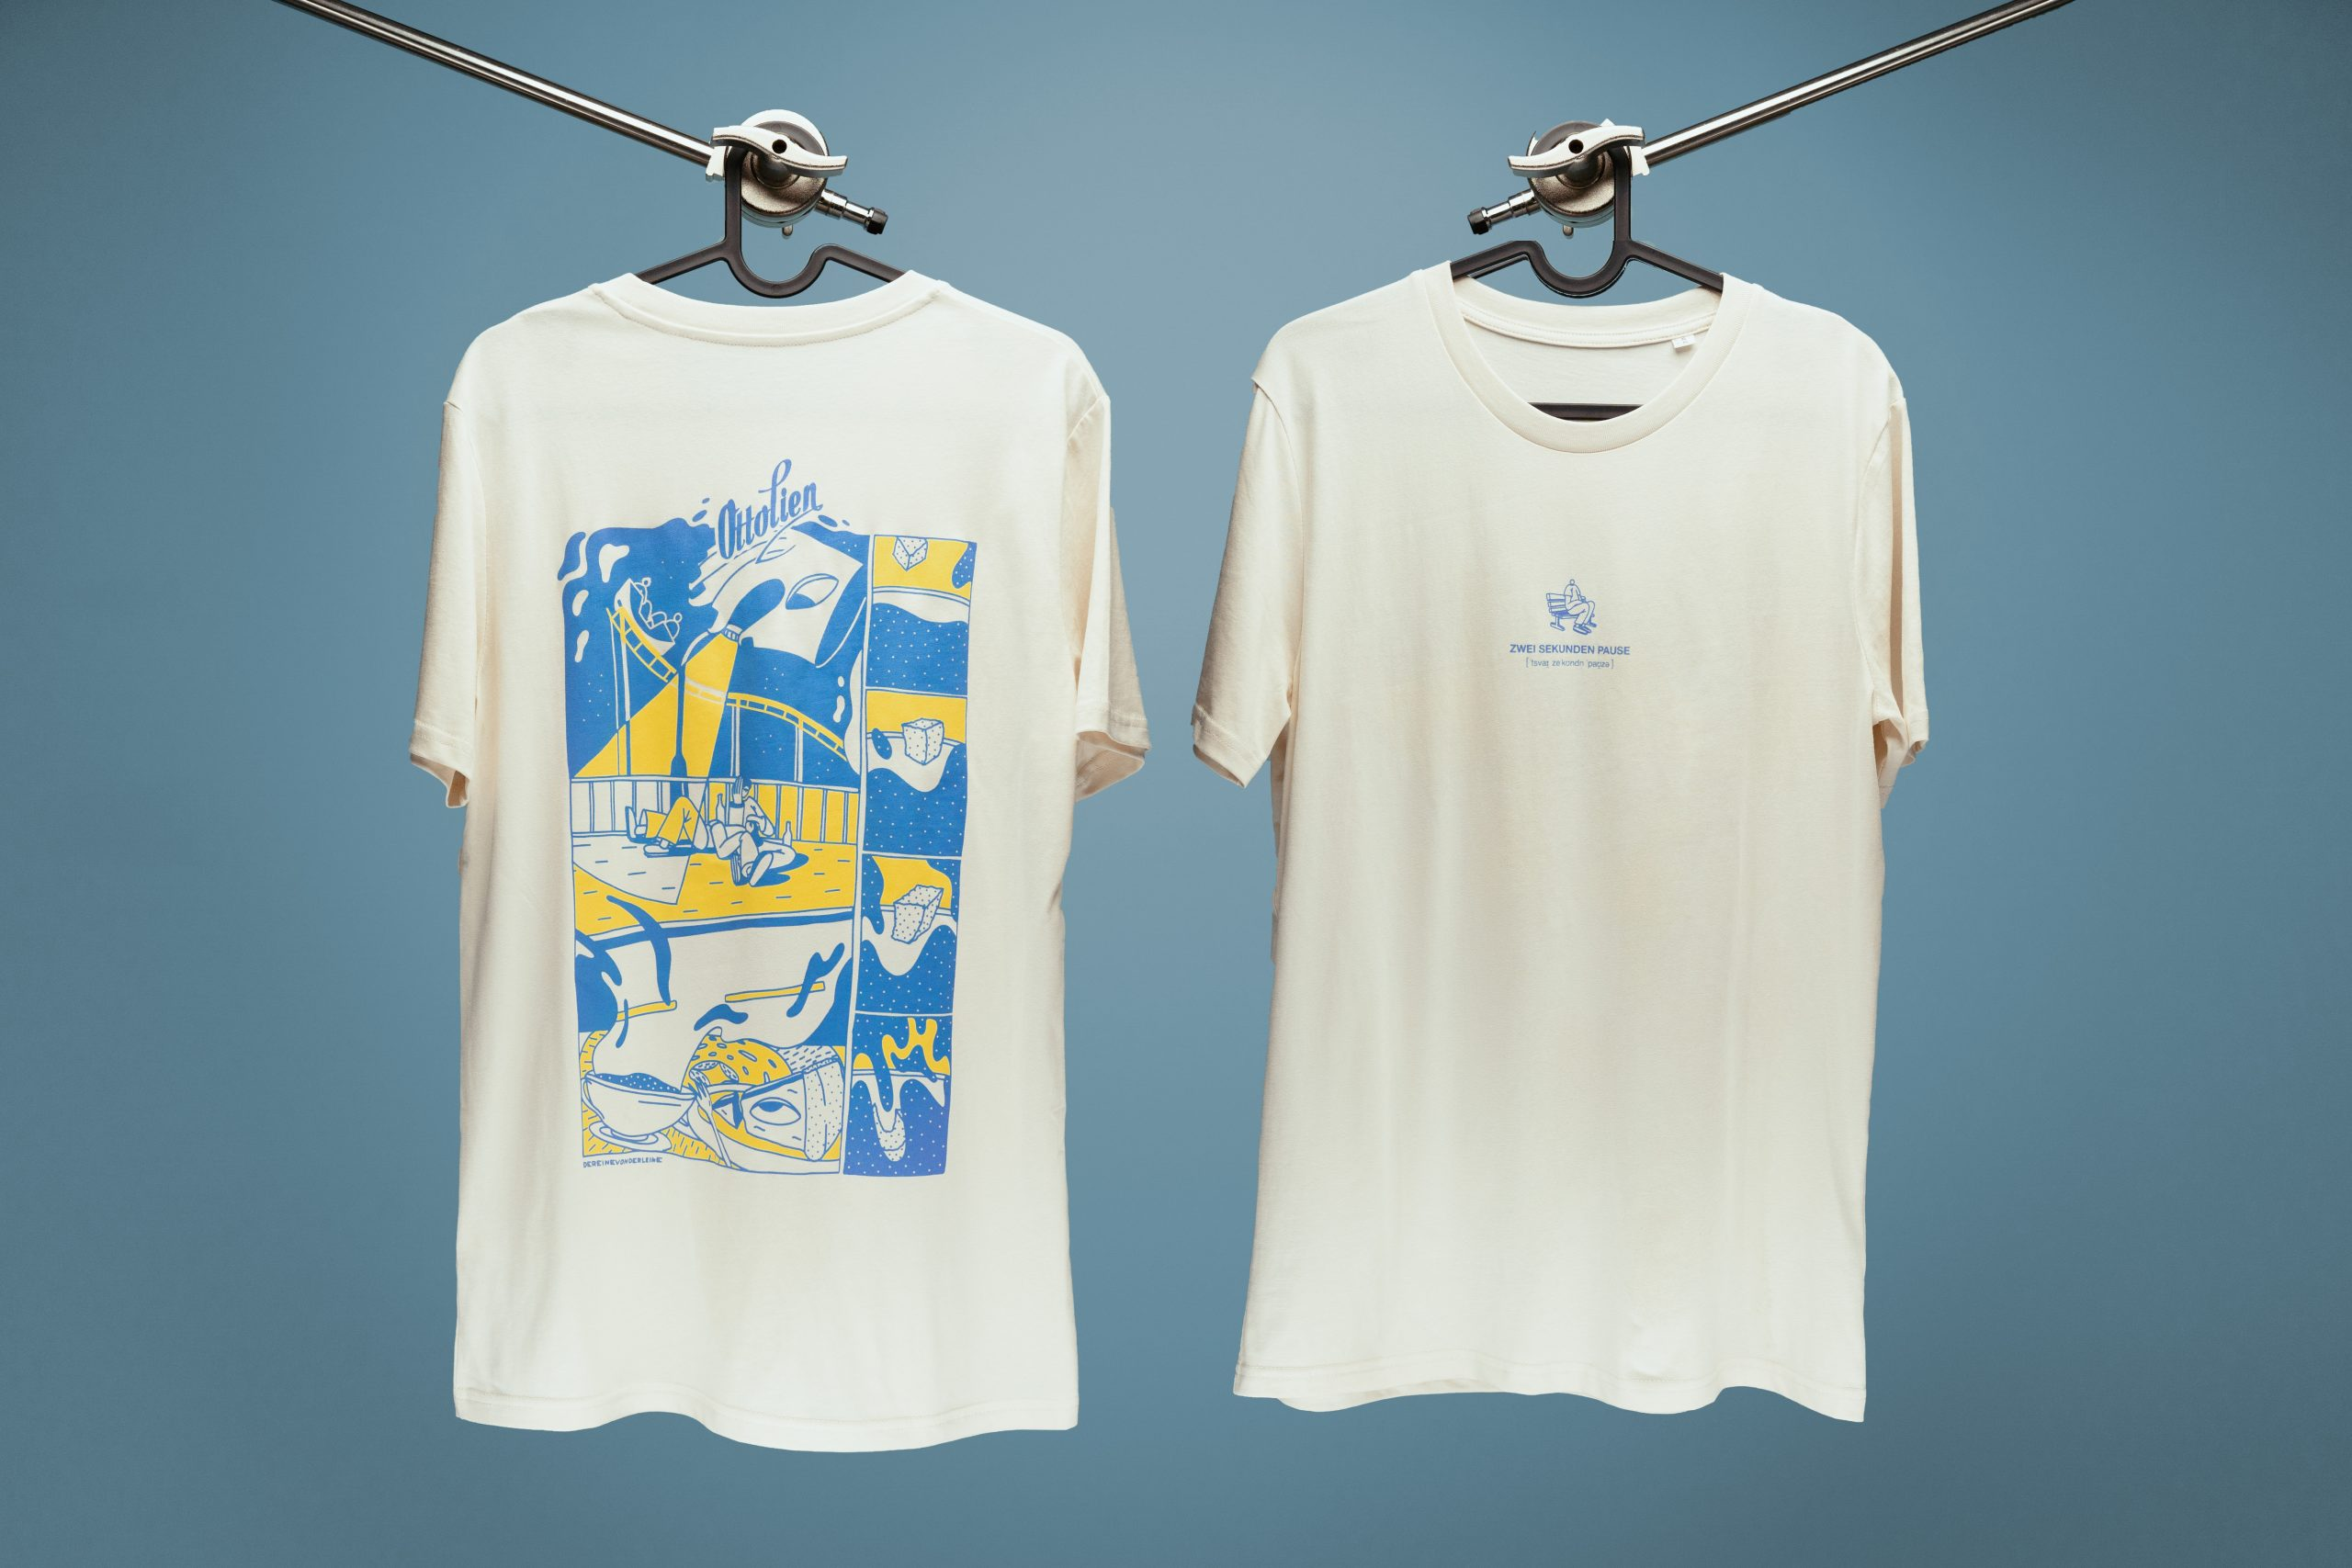 Ottolien-Merch-Shirts